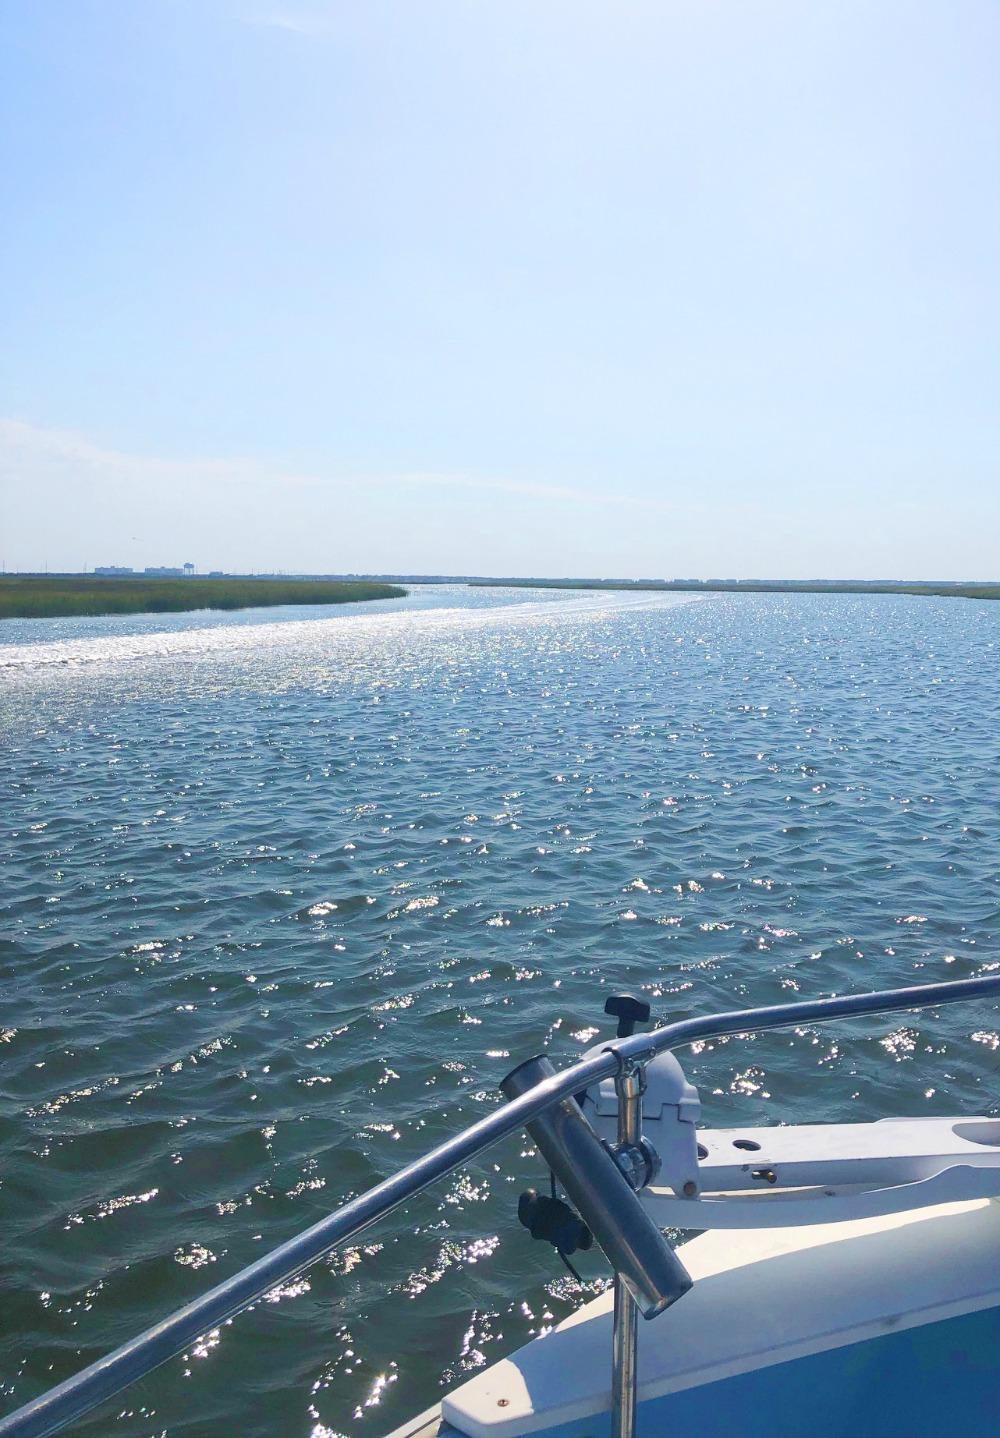 Jersey Shore Photo Diary I Sea Isle City Boat Ride #Travel #TravelBlogger #TravelPhotography